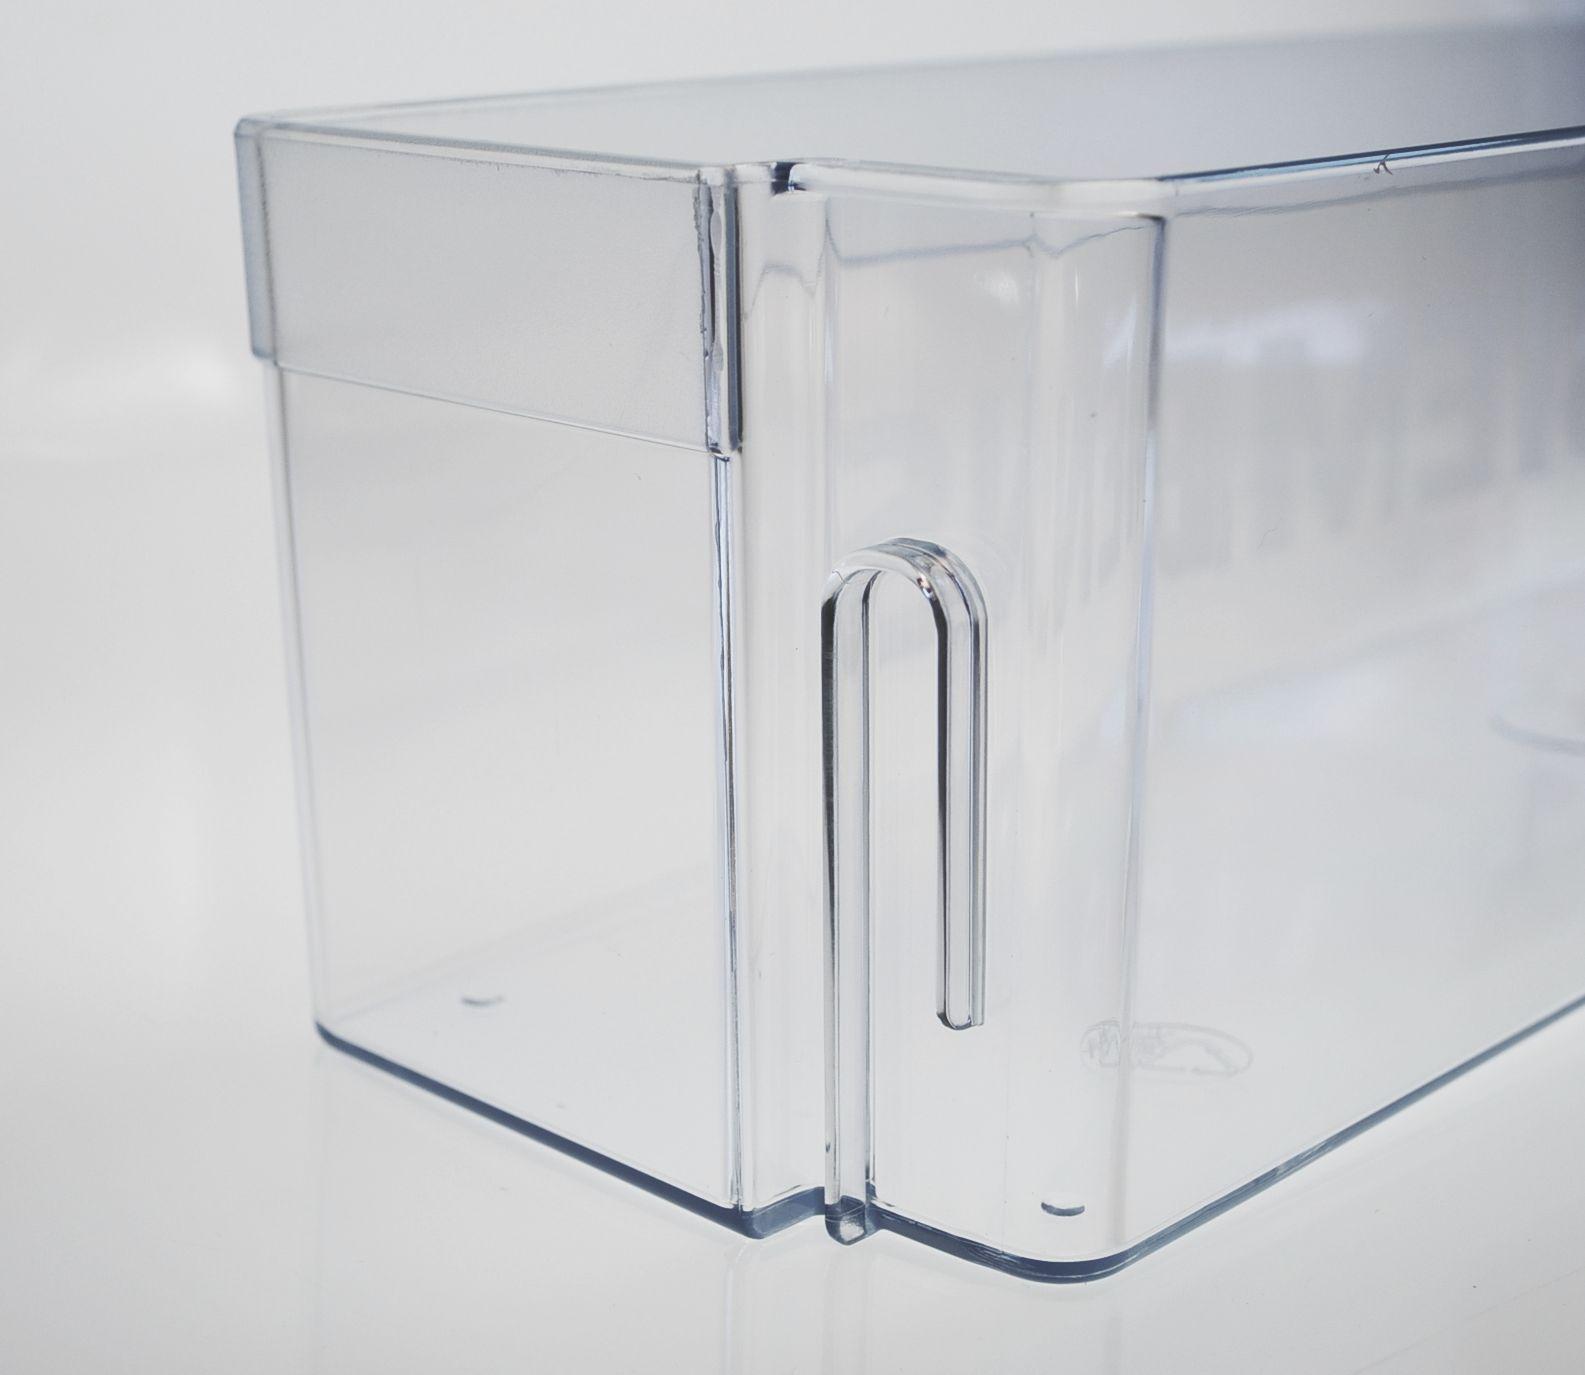 Siemens Flaschenfach Abstellfach für Einbau Kühlschrank 00353093